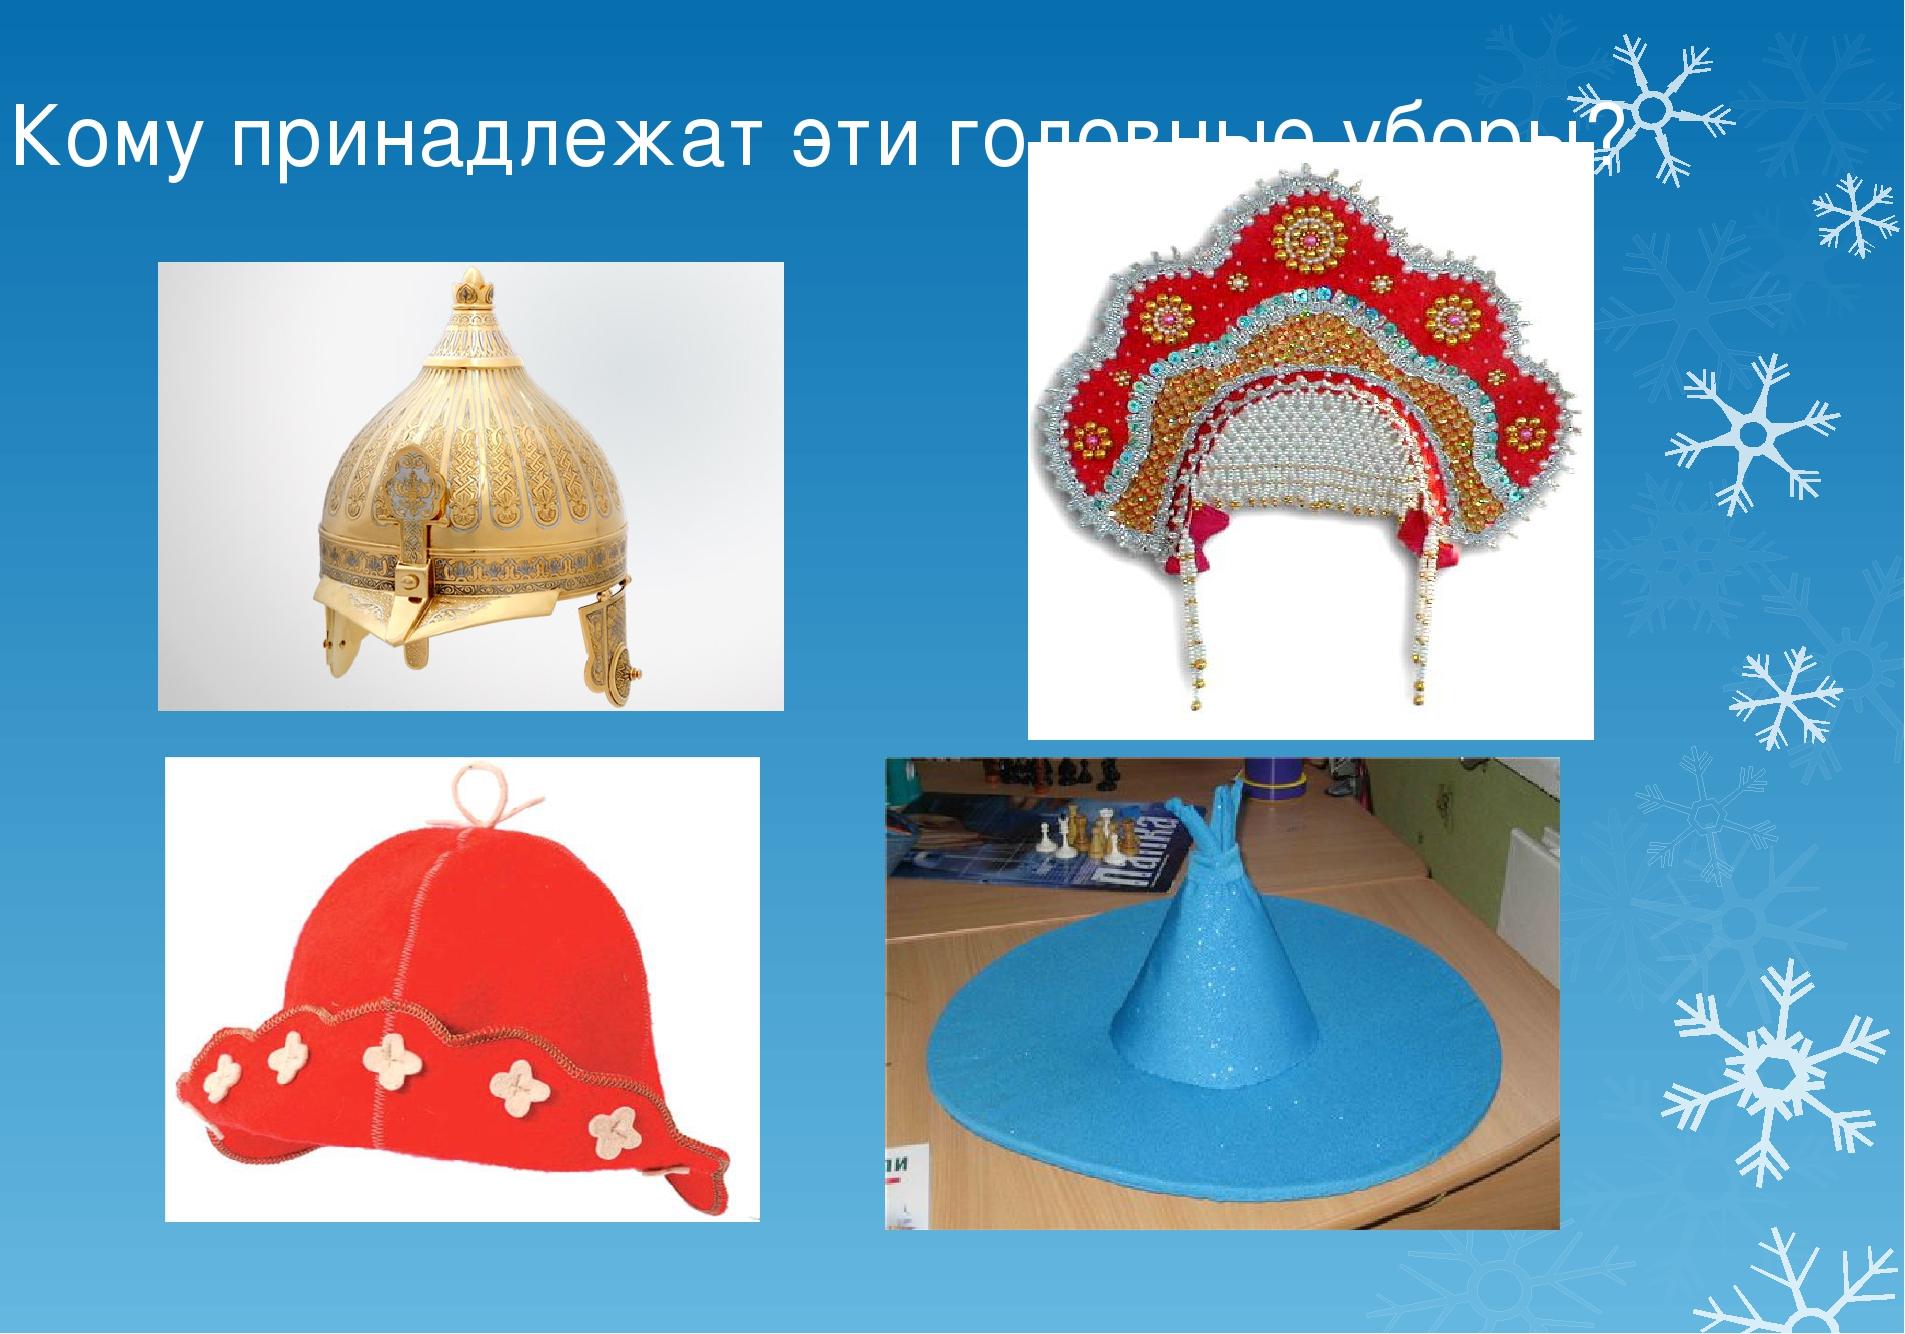 Кому принадлежат эти головные уборы?